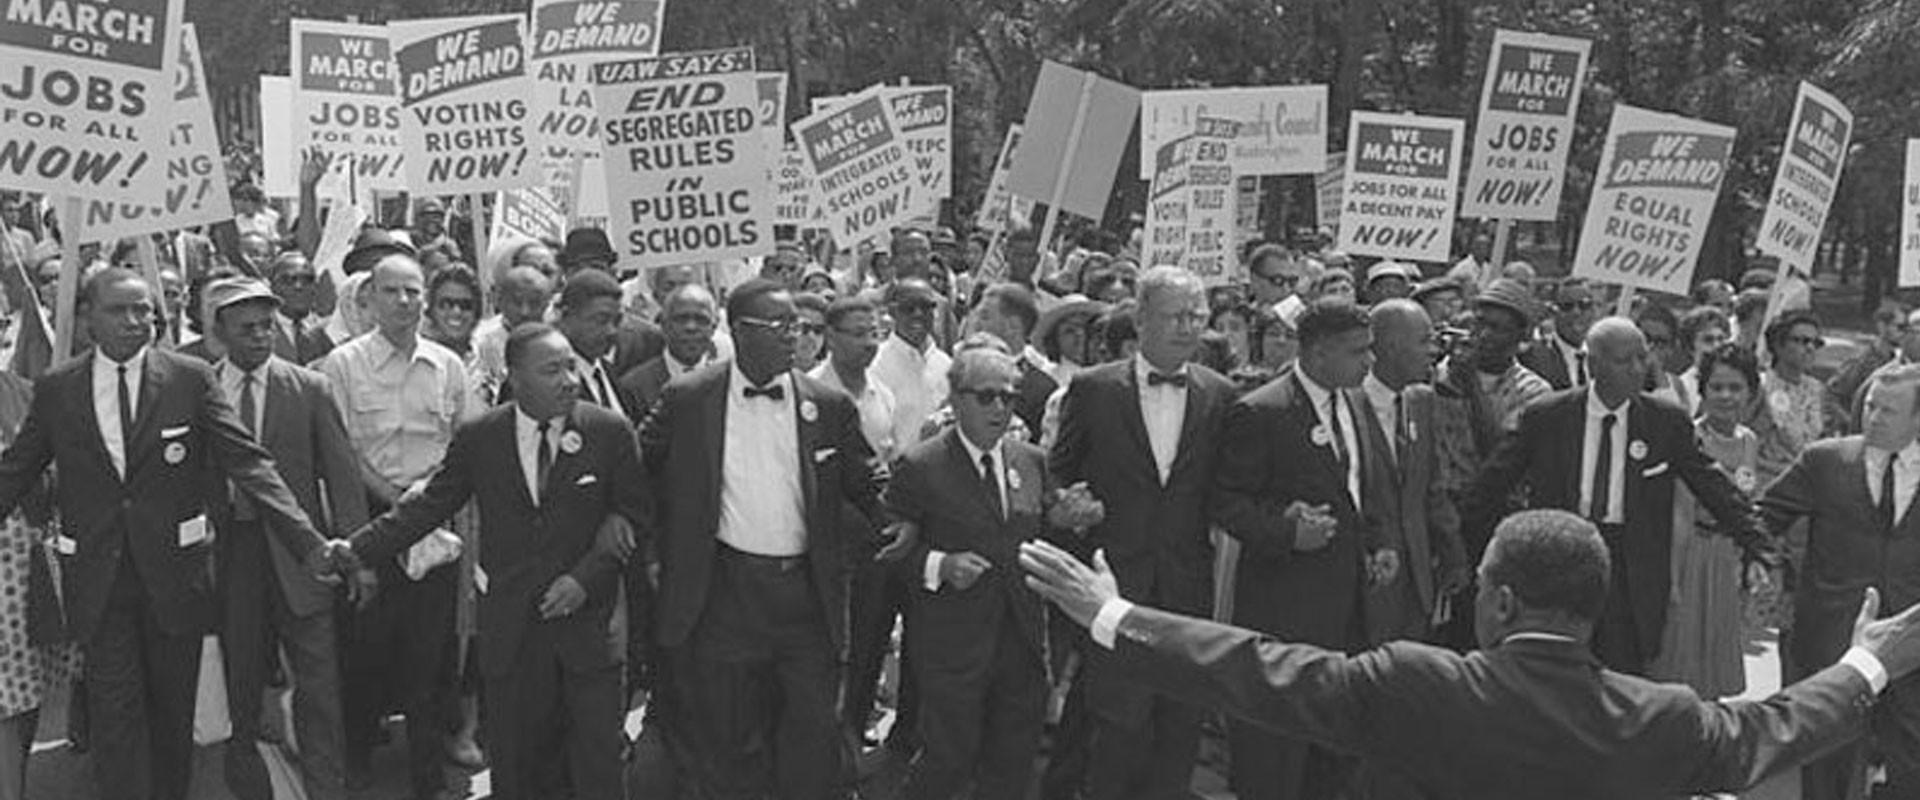 Agora vamos lá: na década de 60, os movimentos negro e feminista já estavam se consolidando politicamente